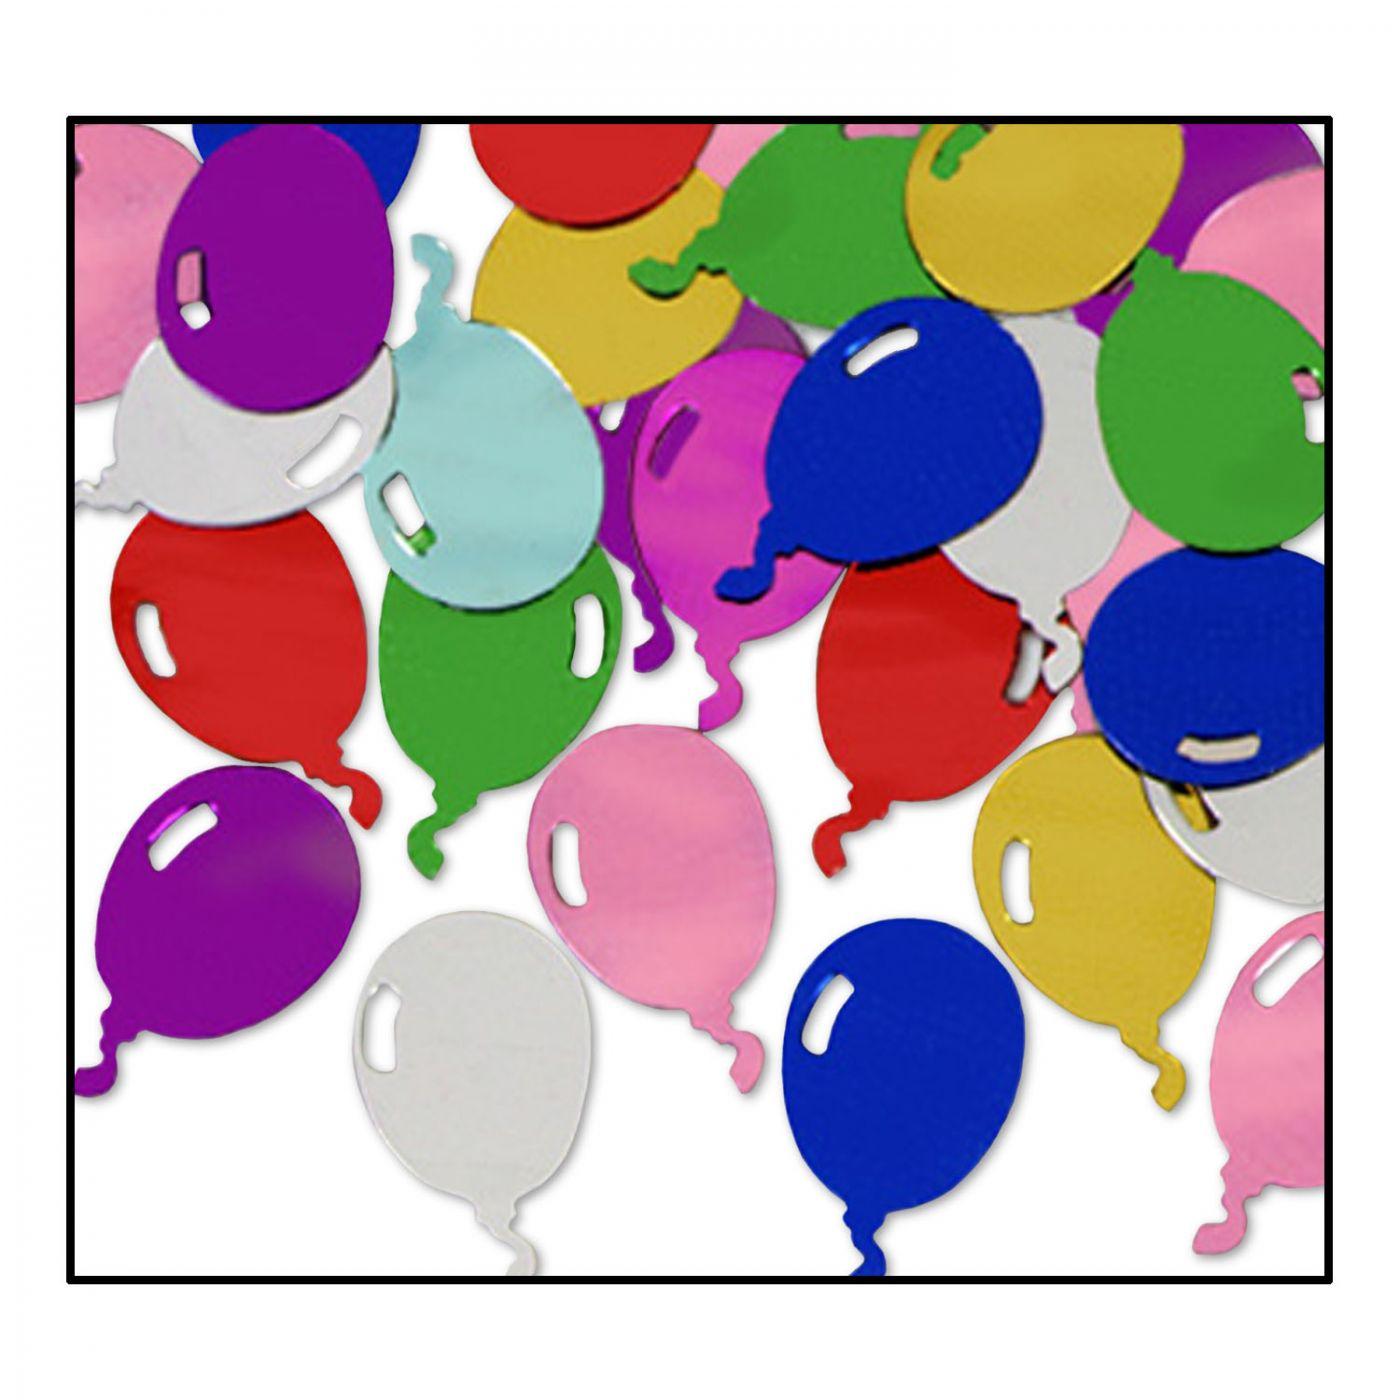 Fanci-Fetti Balloons image